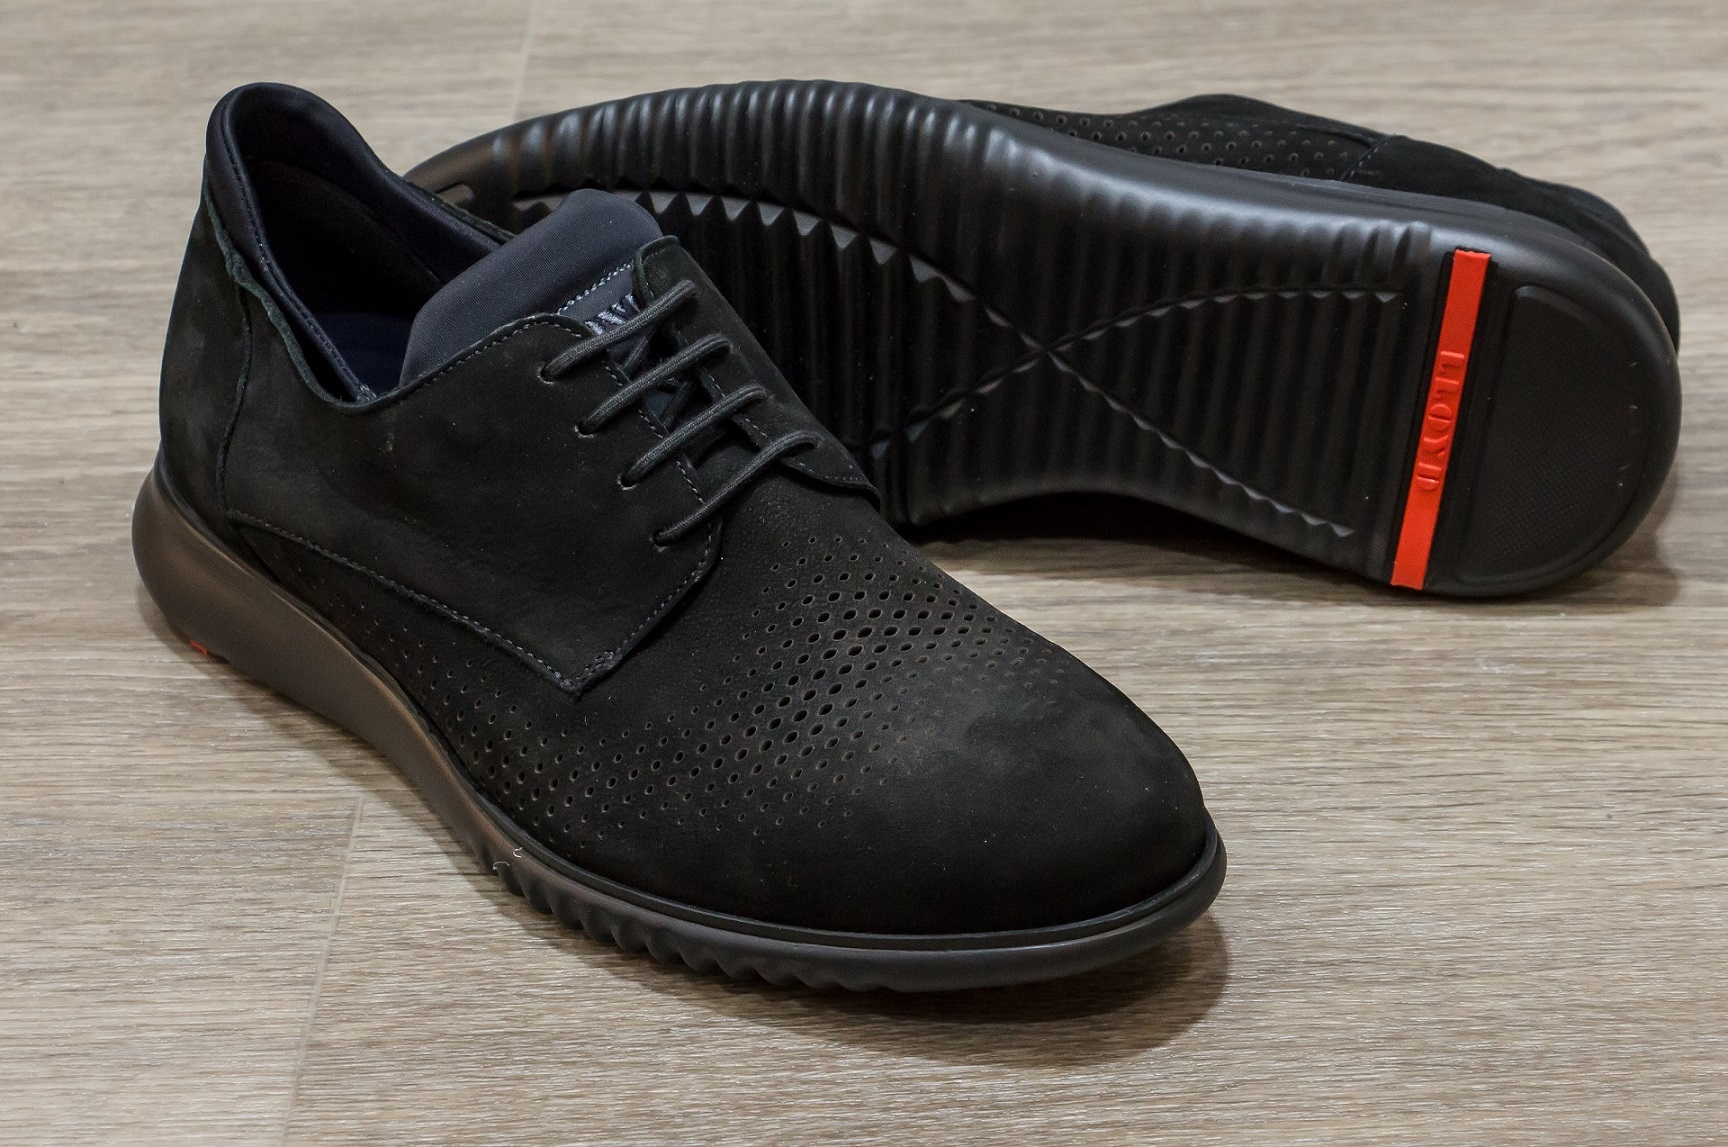 A Considerar Características Comprar De Moda4 Antes Buenos Zapatos 3RjLA54q